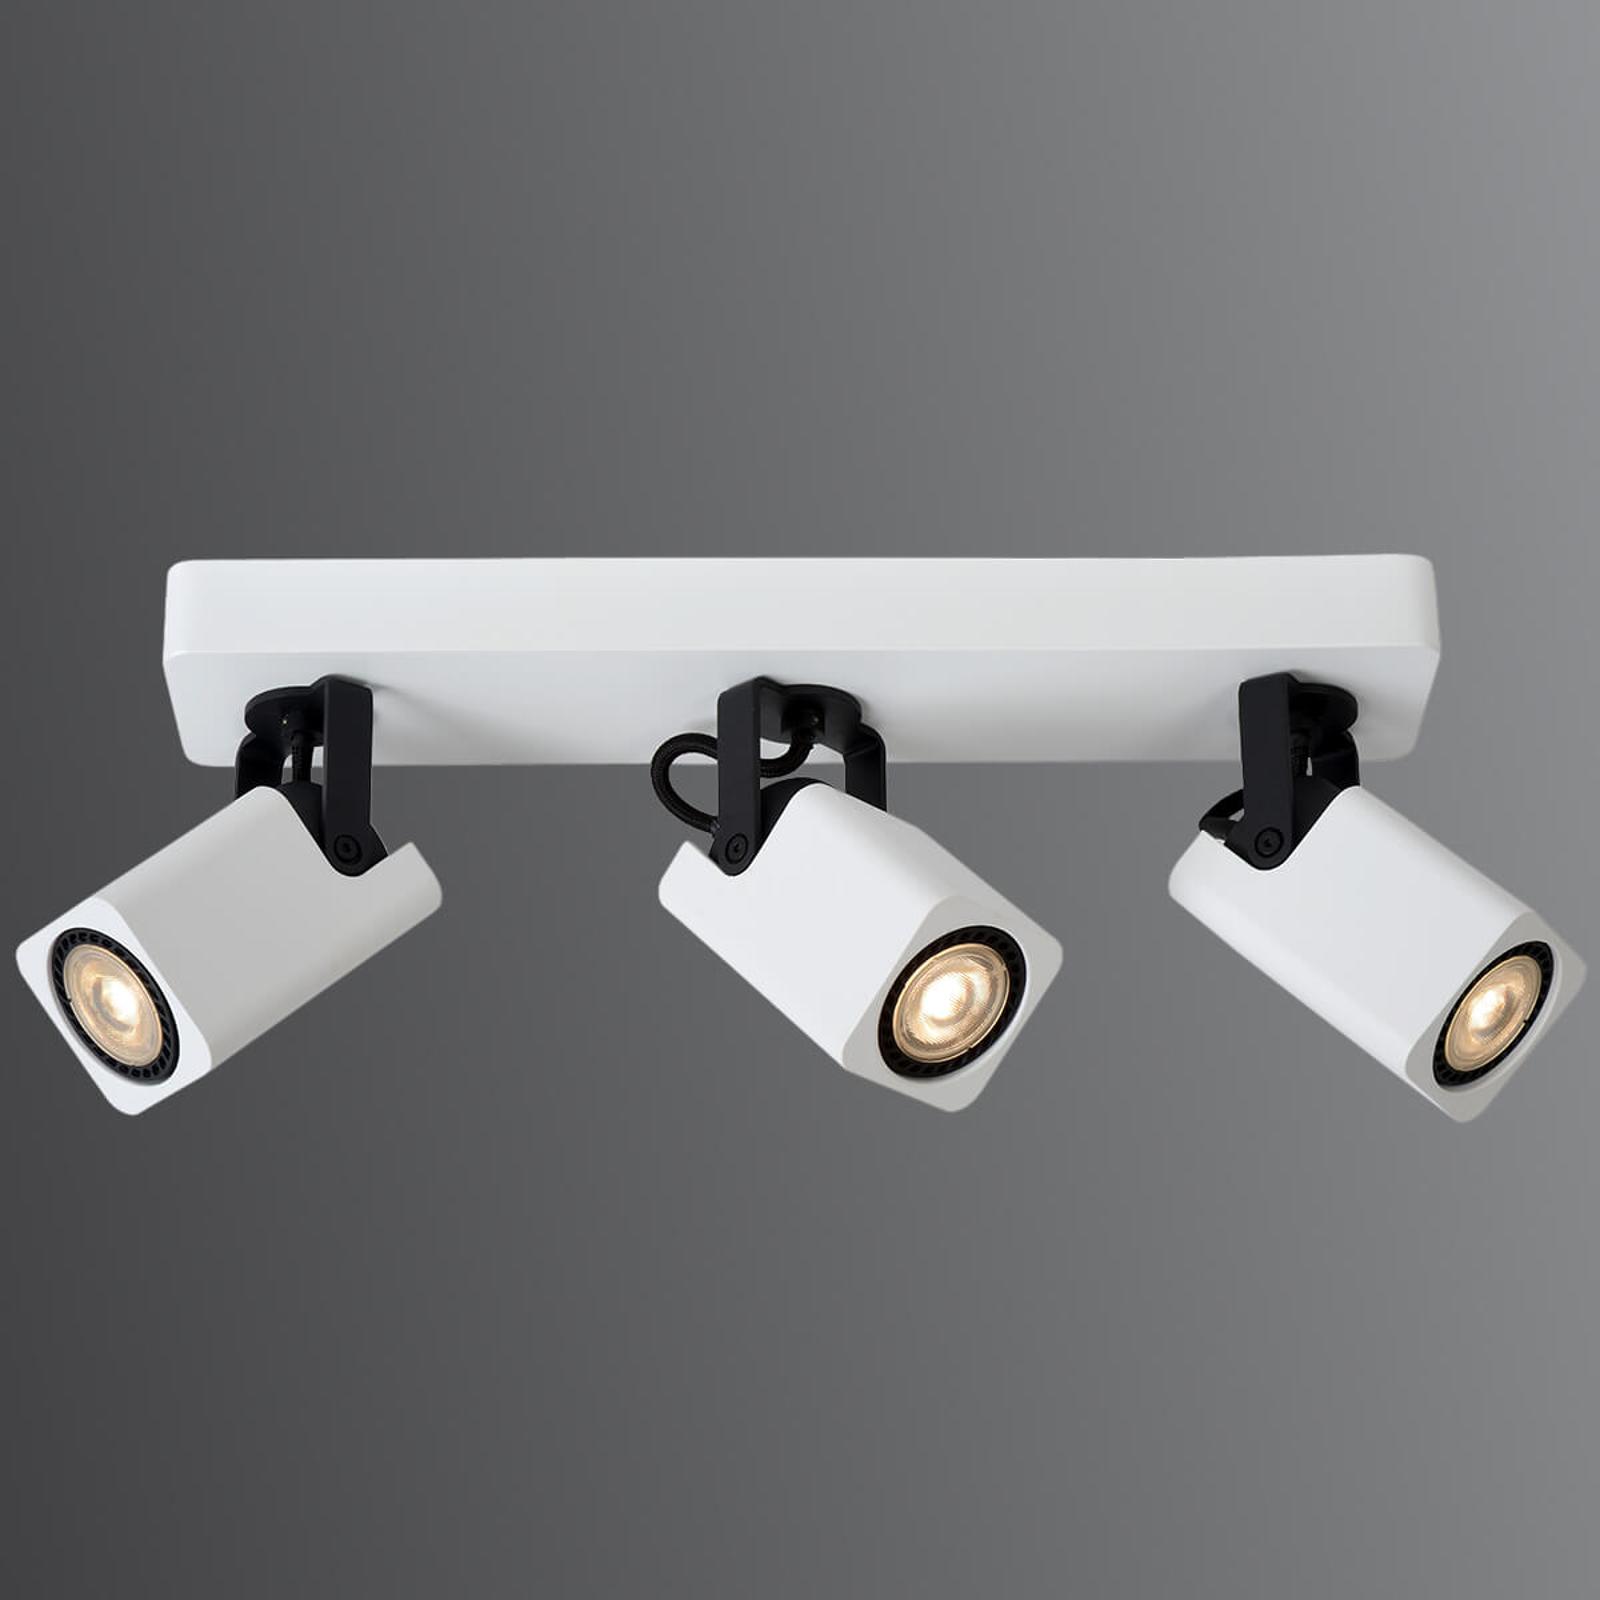 Plafonnier LED blanc Roax, à trois spots